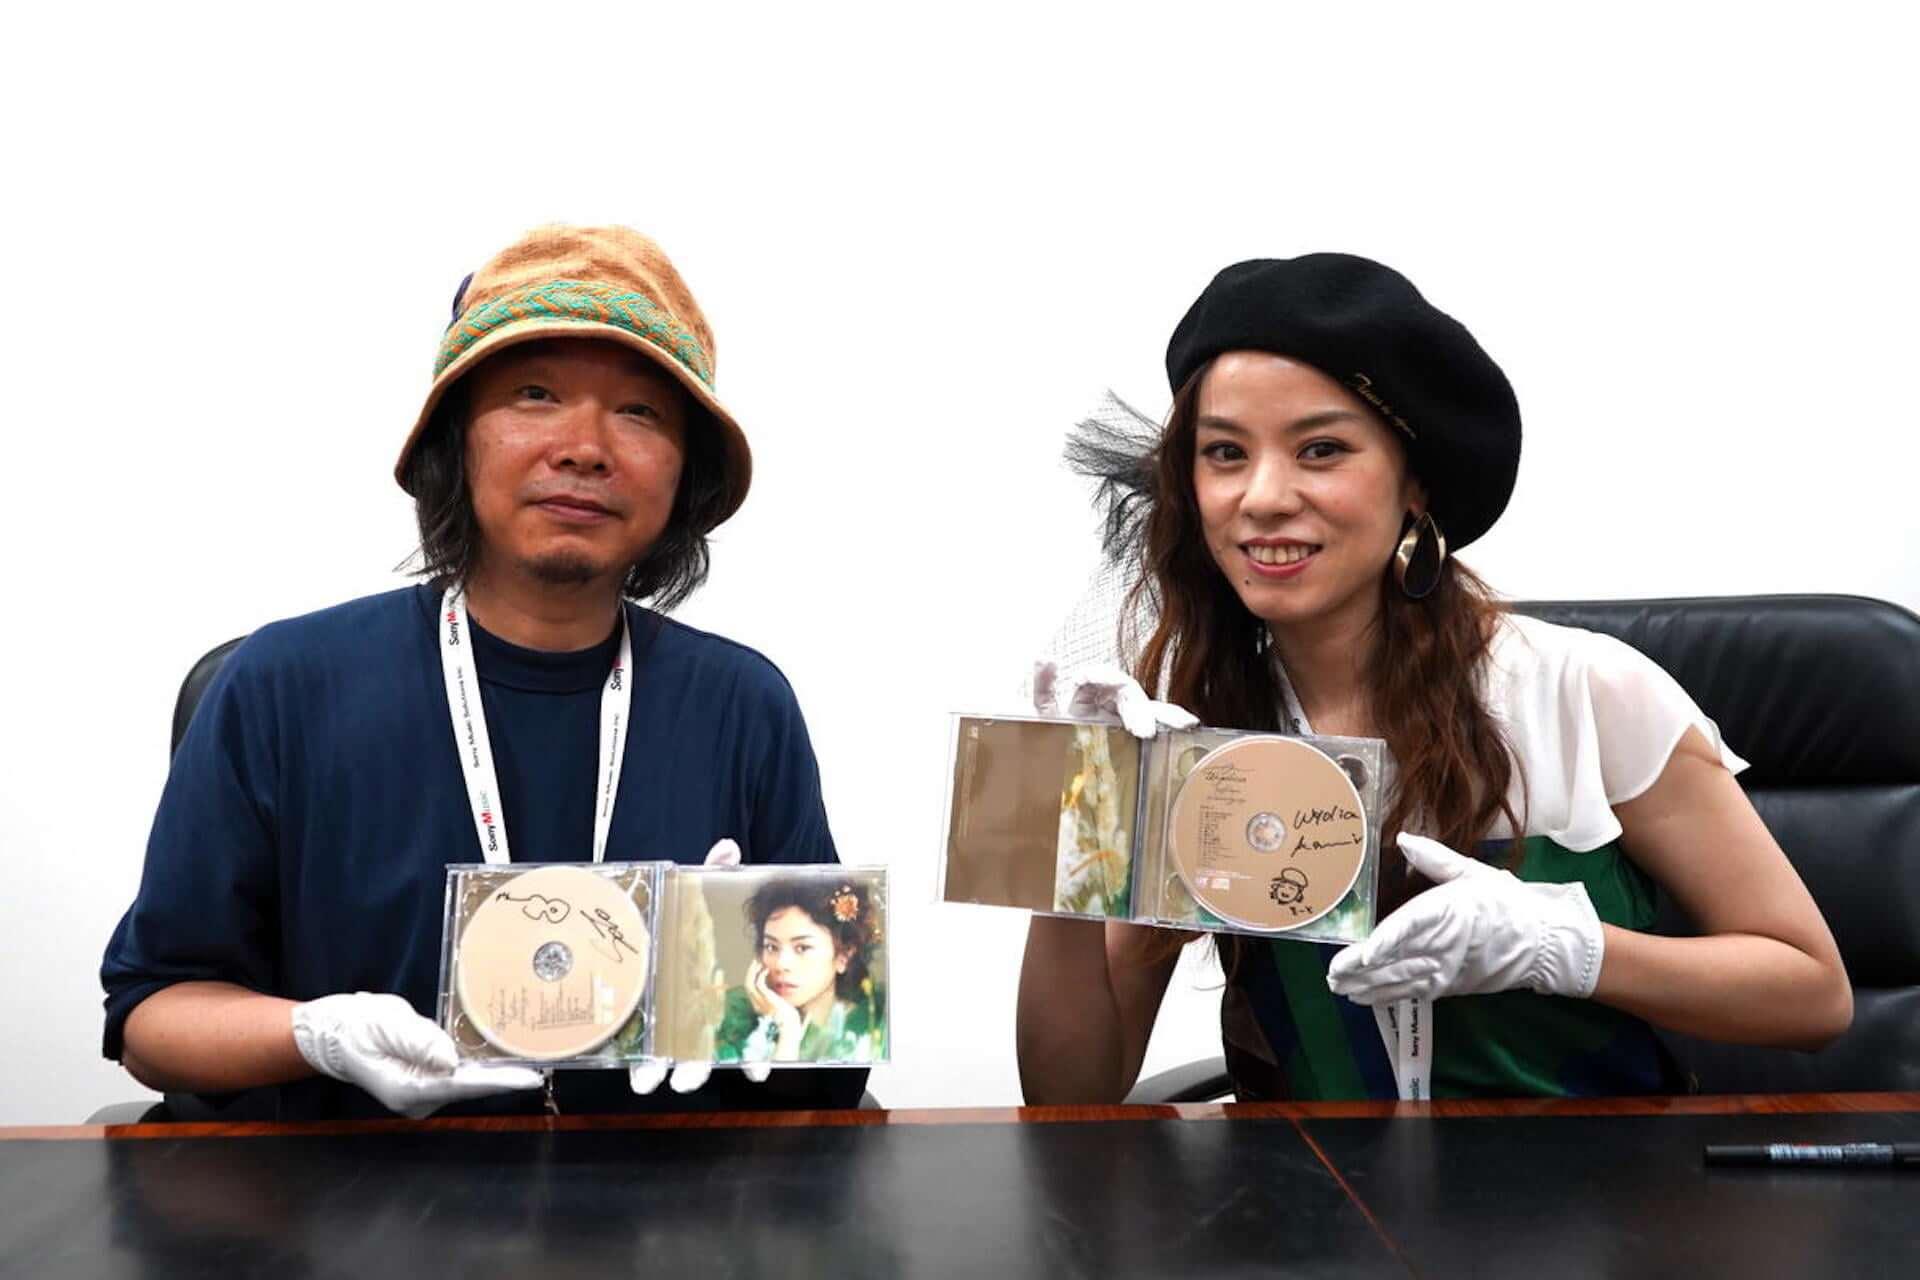 ワイヨリカ9年振りに新曲2曲「Beautiful Surprise/OneRoom 」をリリース!亀田誠治、TERUよりコメントも music190731_wyolica_2-1920x1280